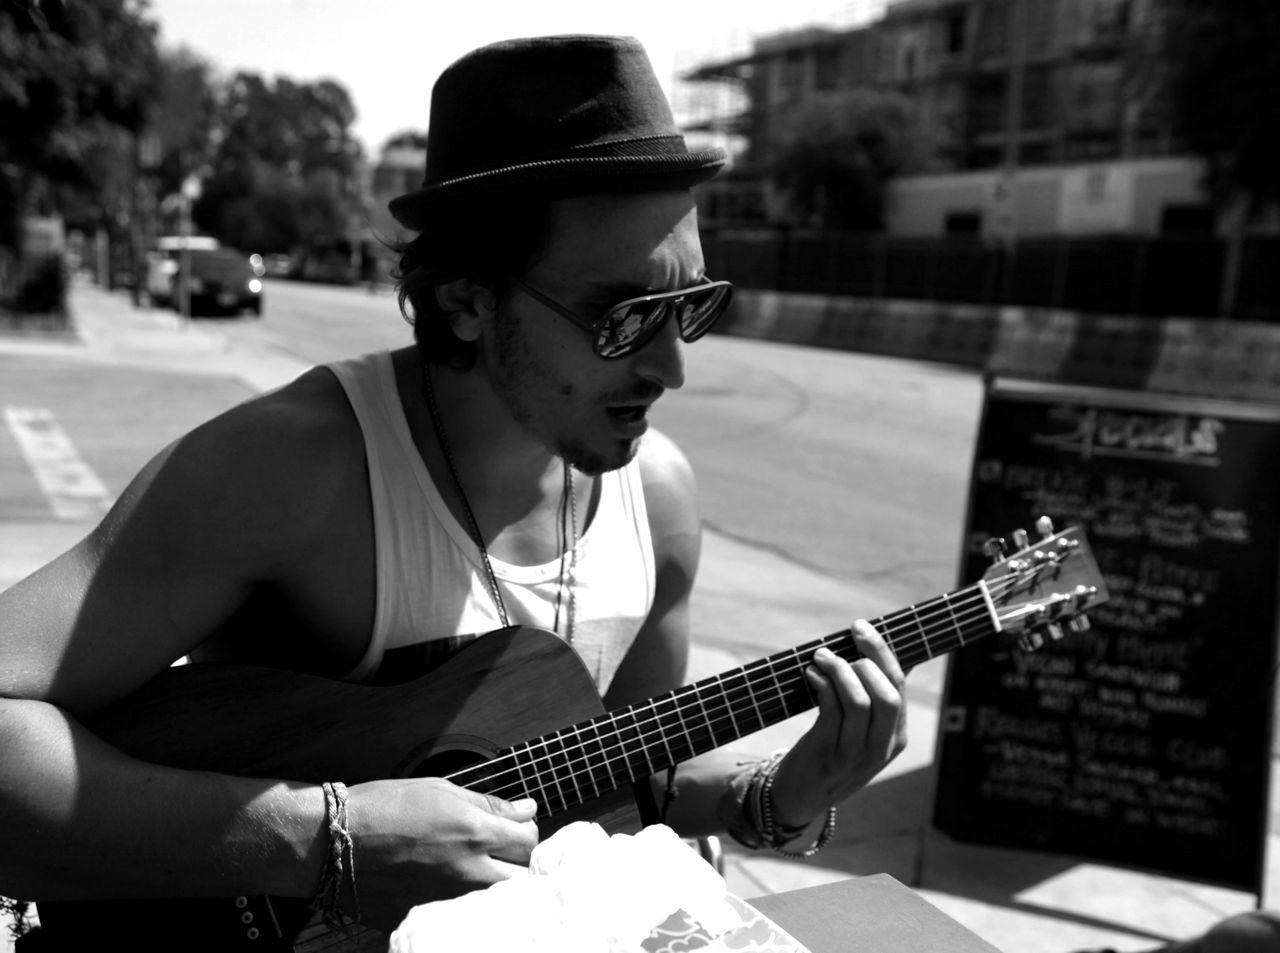 Austin_Guitar_by_Hadas.jpg